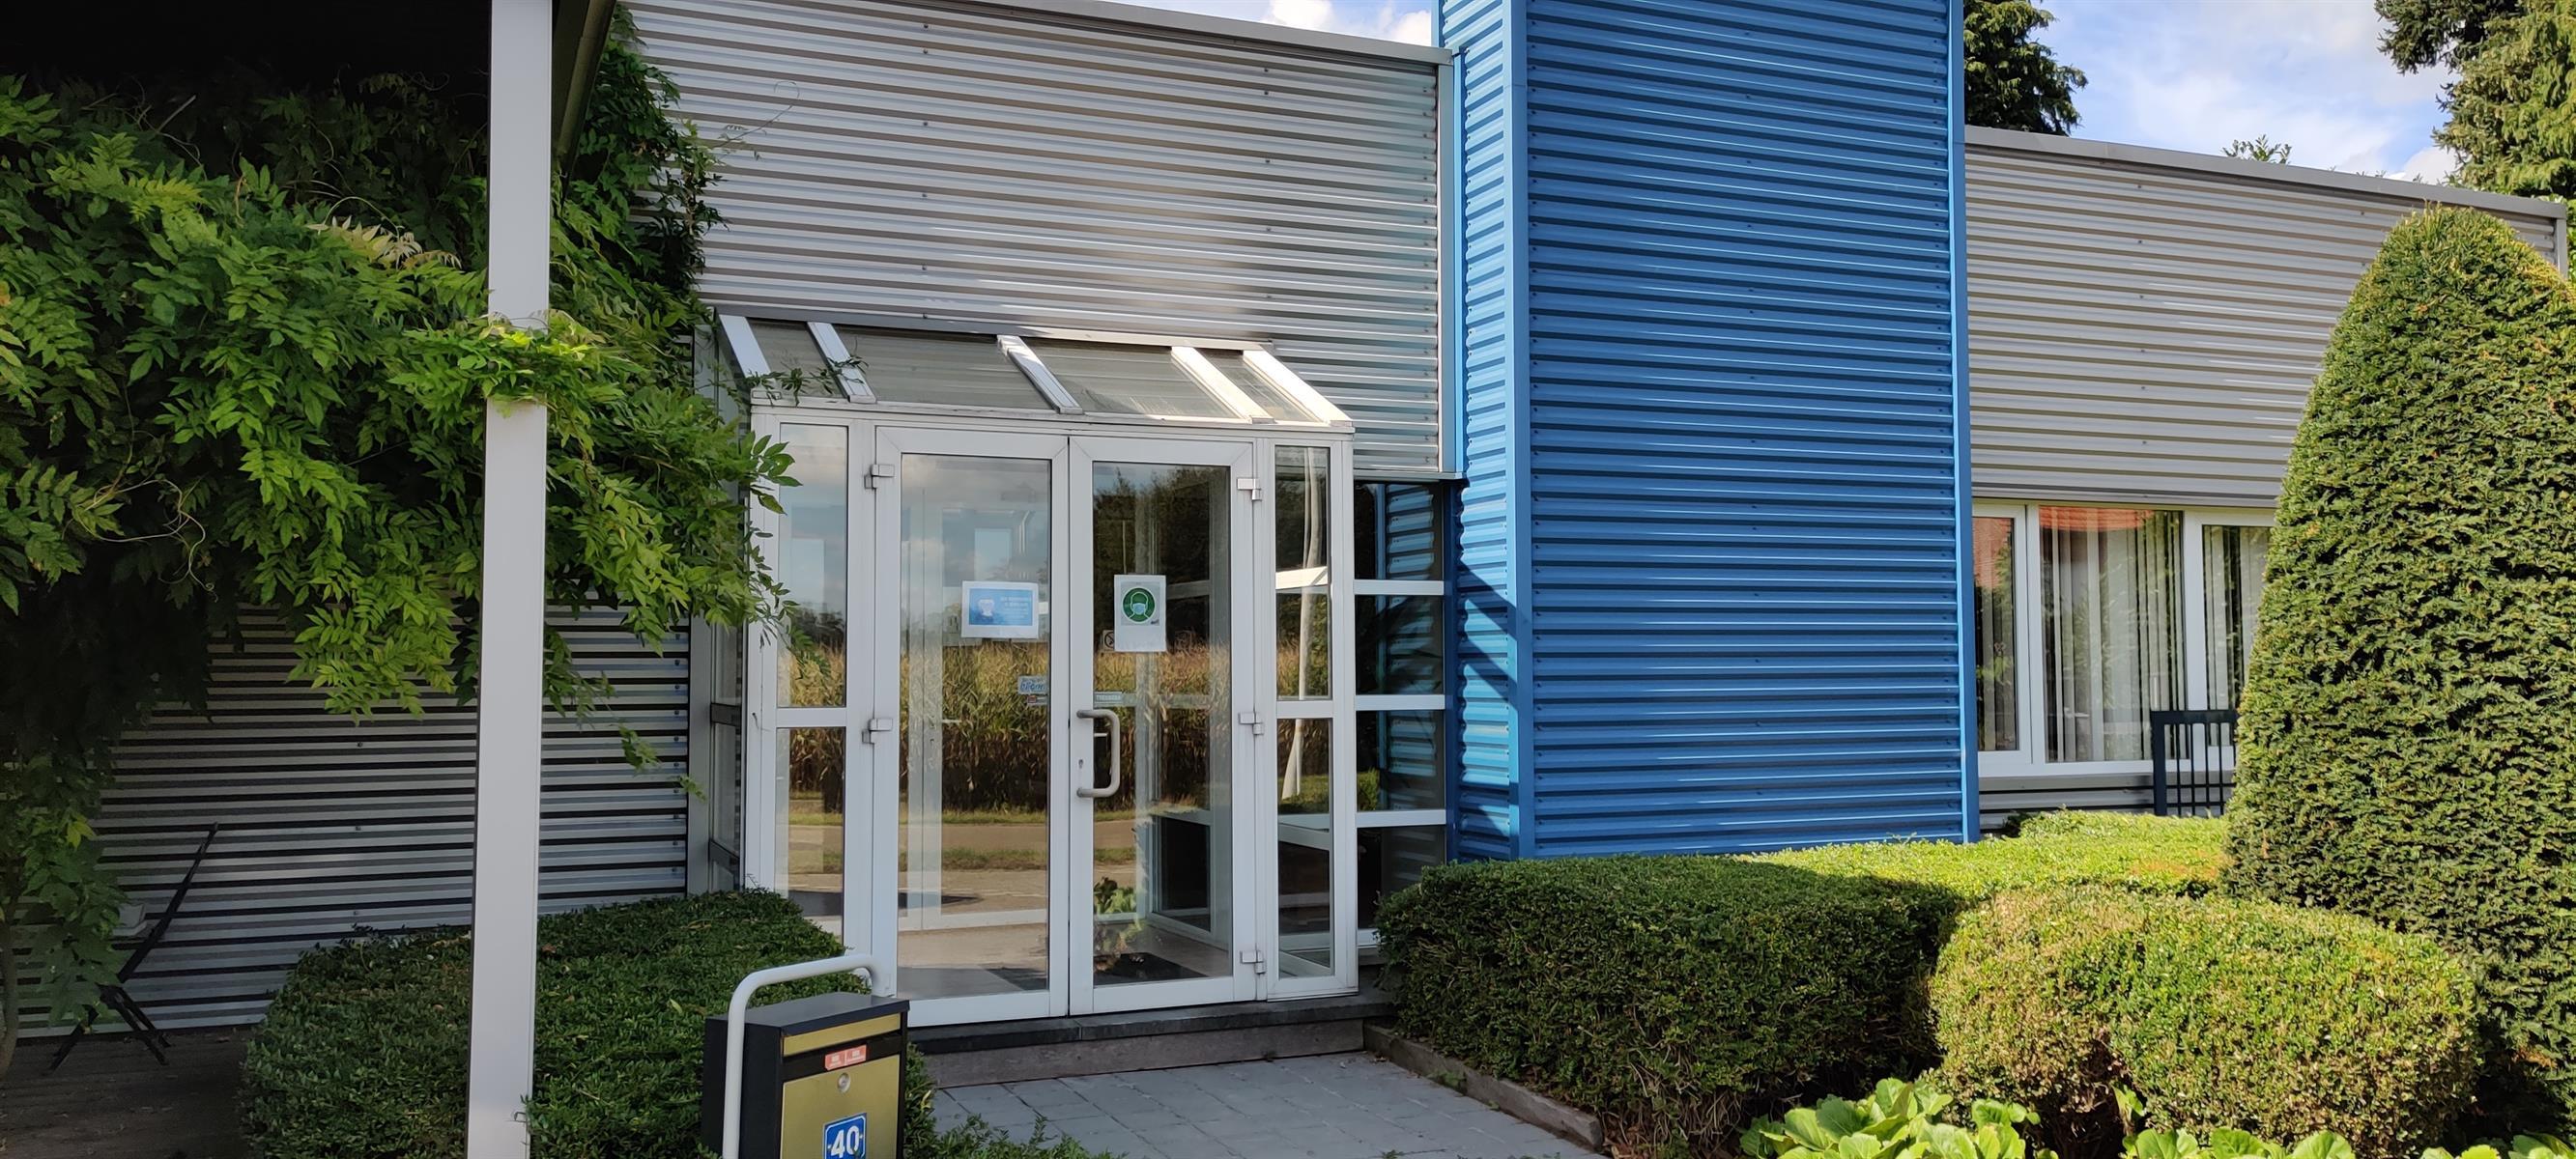 gebouw voor gemengd gebruik te koop I153 MAGAZIJN/ATELIER/KANTOOR - Dikberd 40, 2200 Herentals, België 2